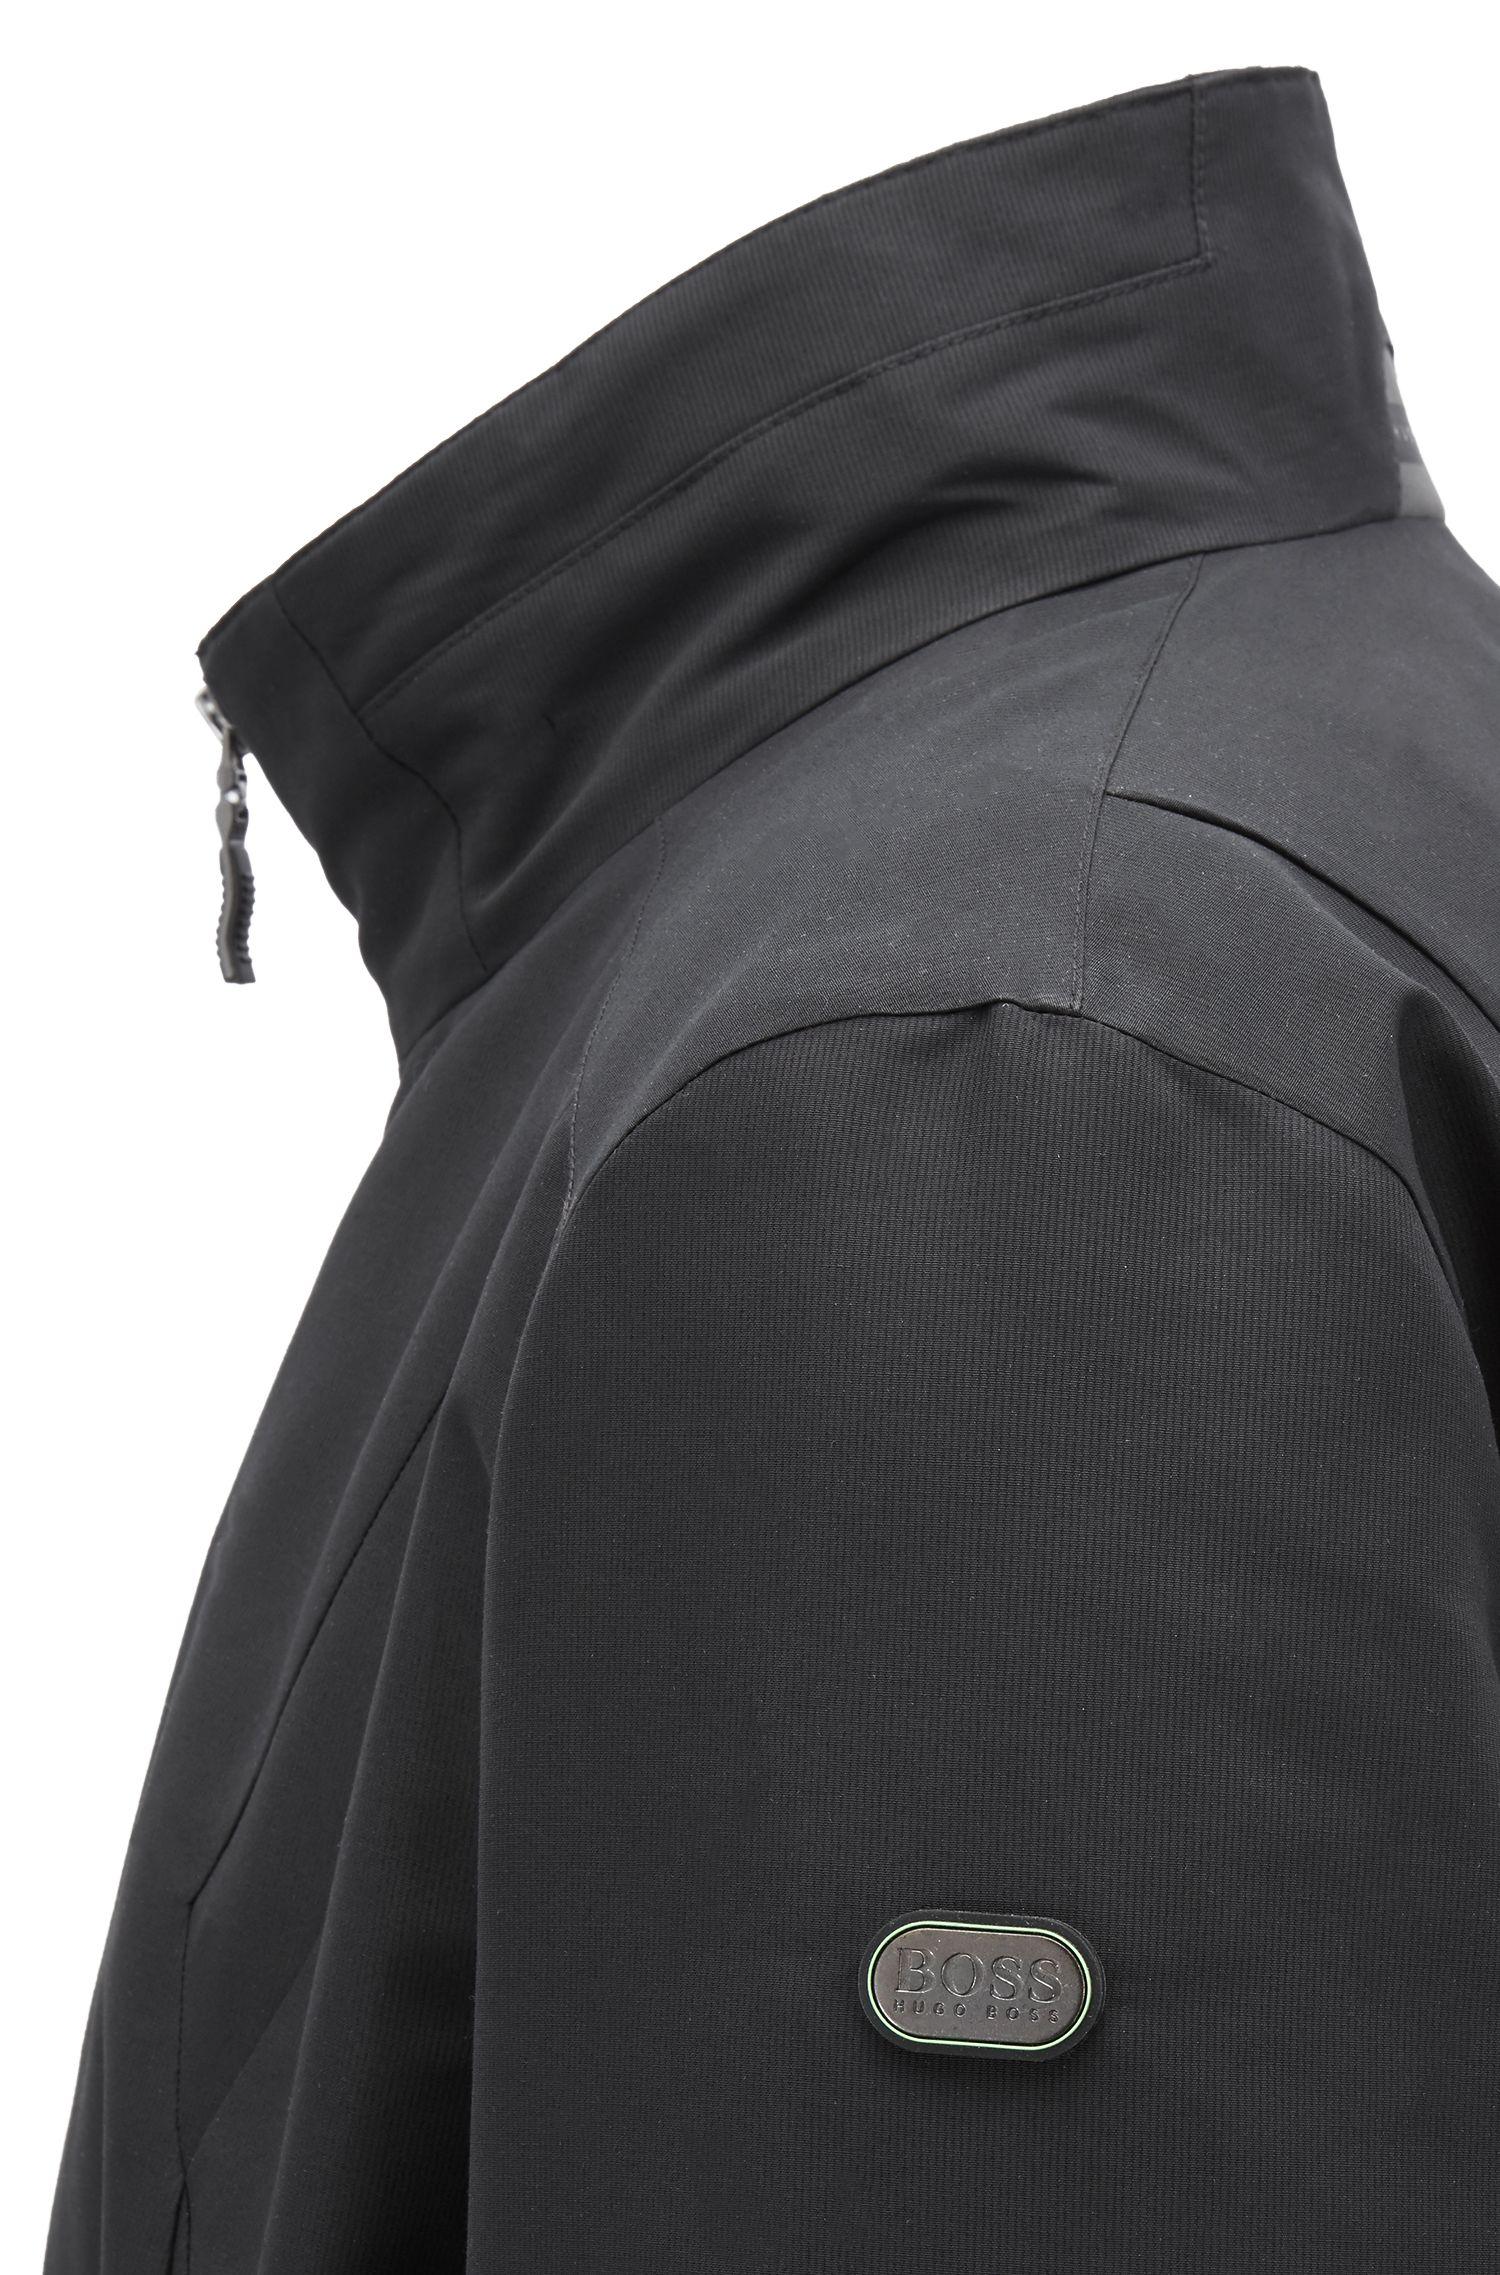 Veste zippée Link2, avec entredoublure anti-ondes électromagnétiques, Noir